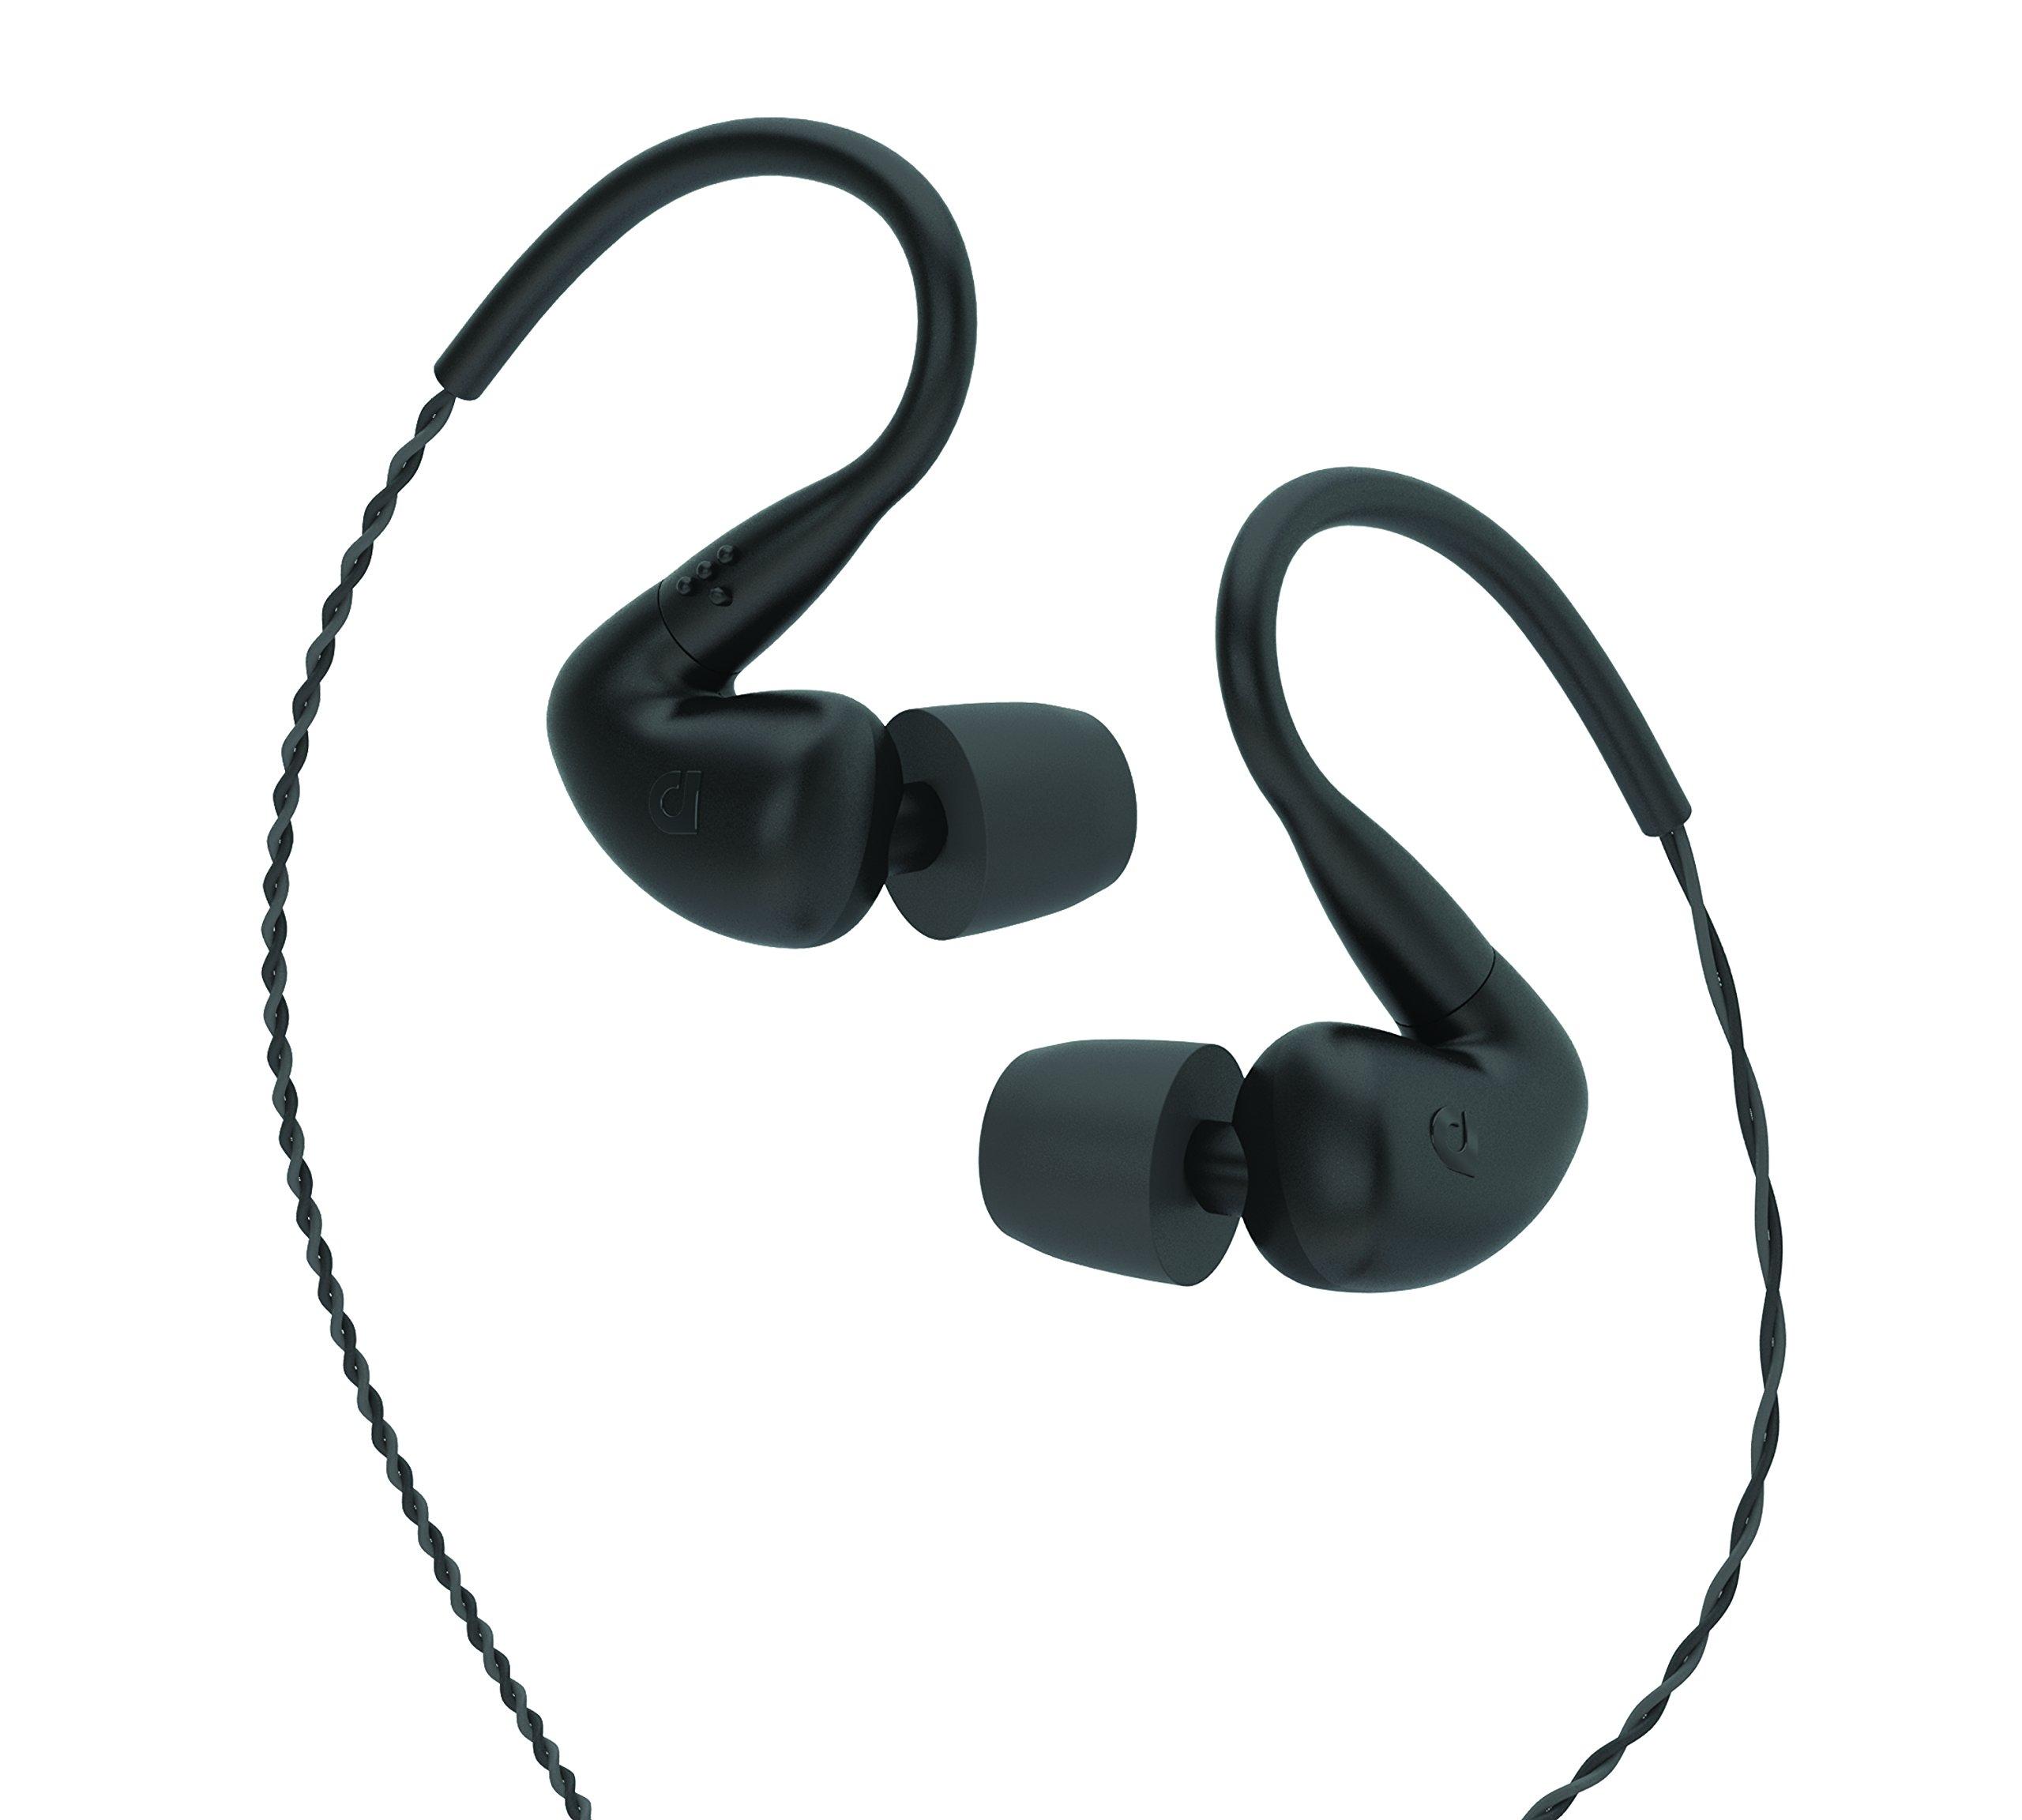 AudioFly - AF120 Hybrid Dual Driver Universal In-Ear Monitors - Roadie Black